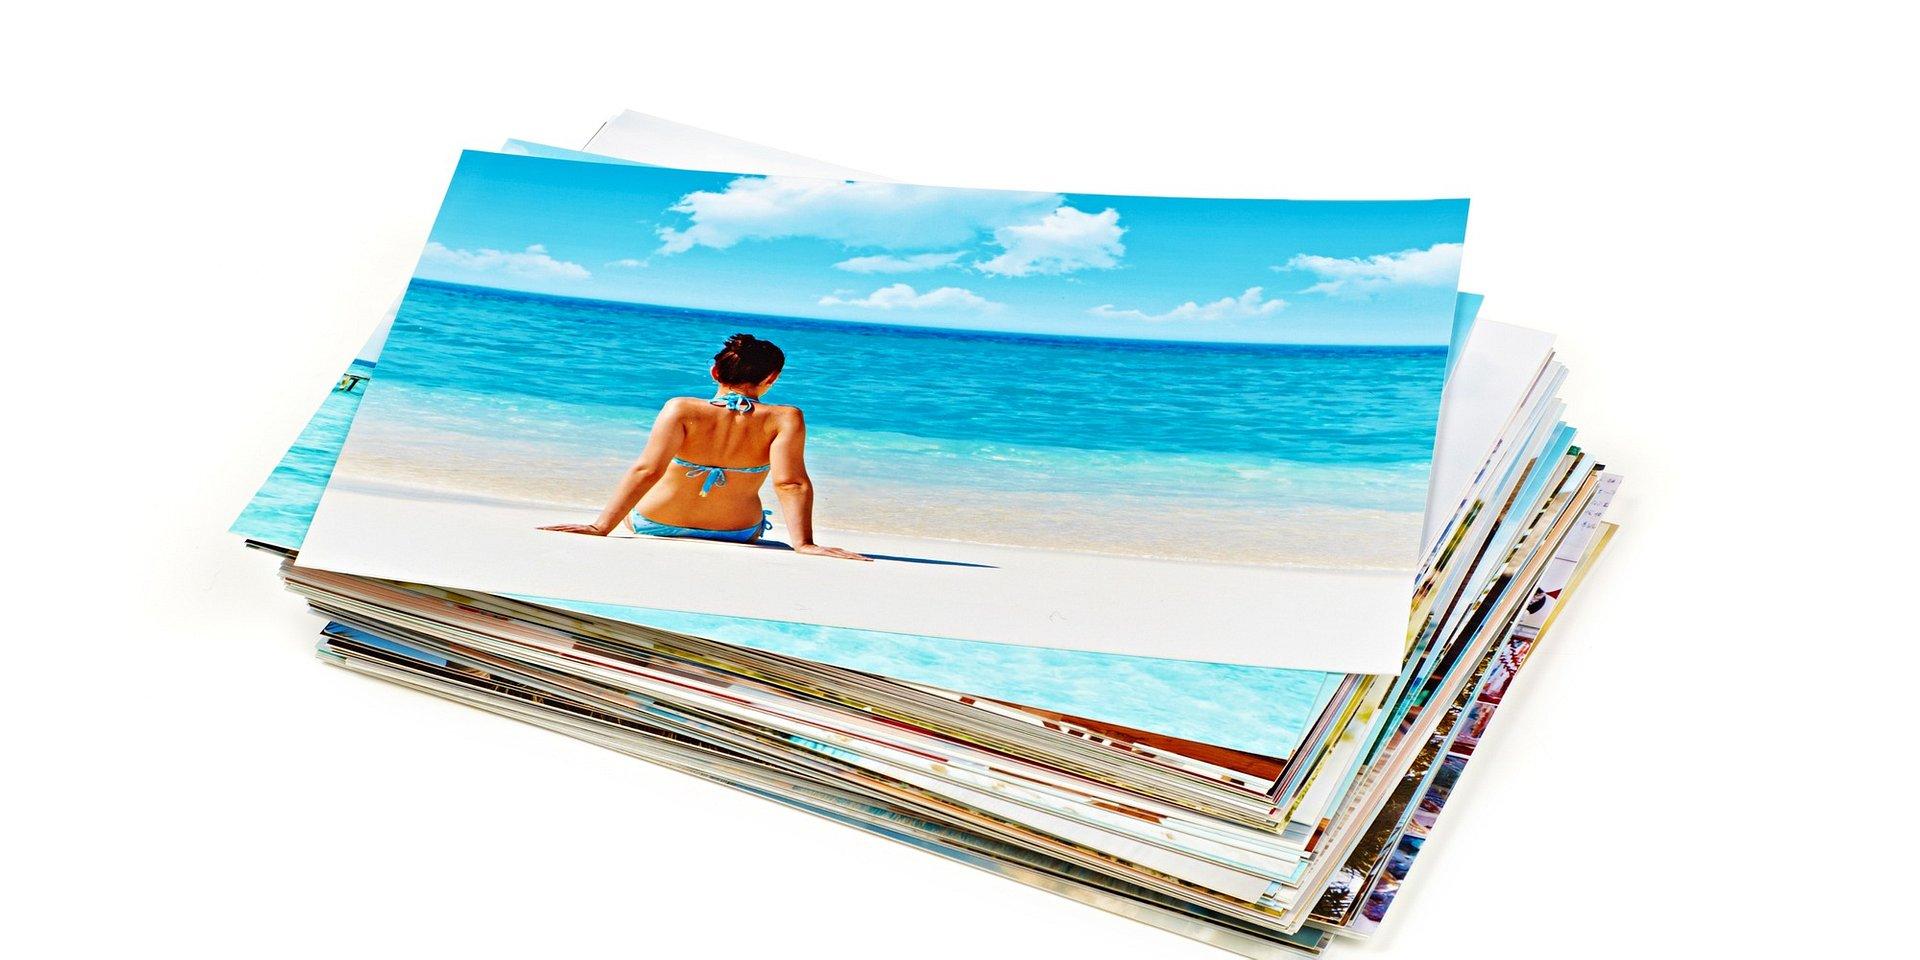 Jak przygotować zdjęcia z telefonu do druku w domu?